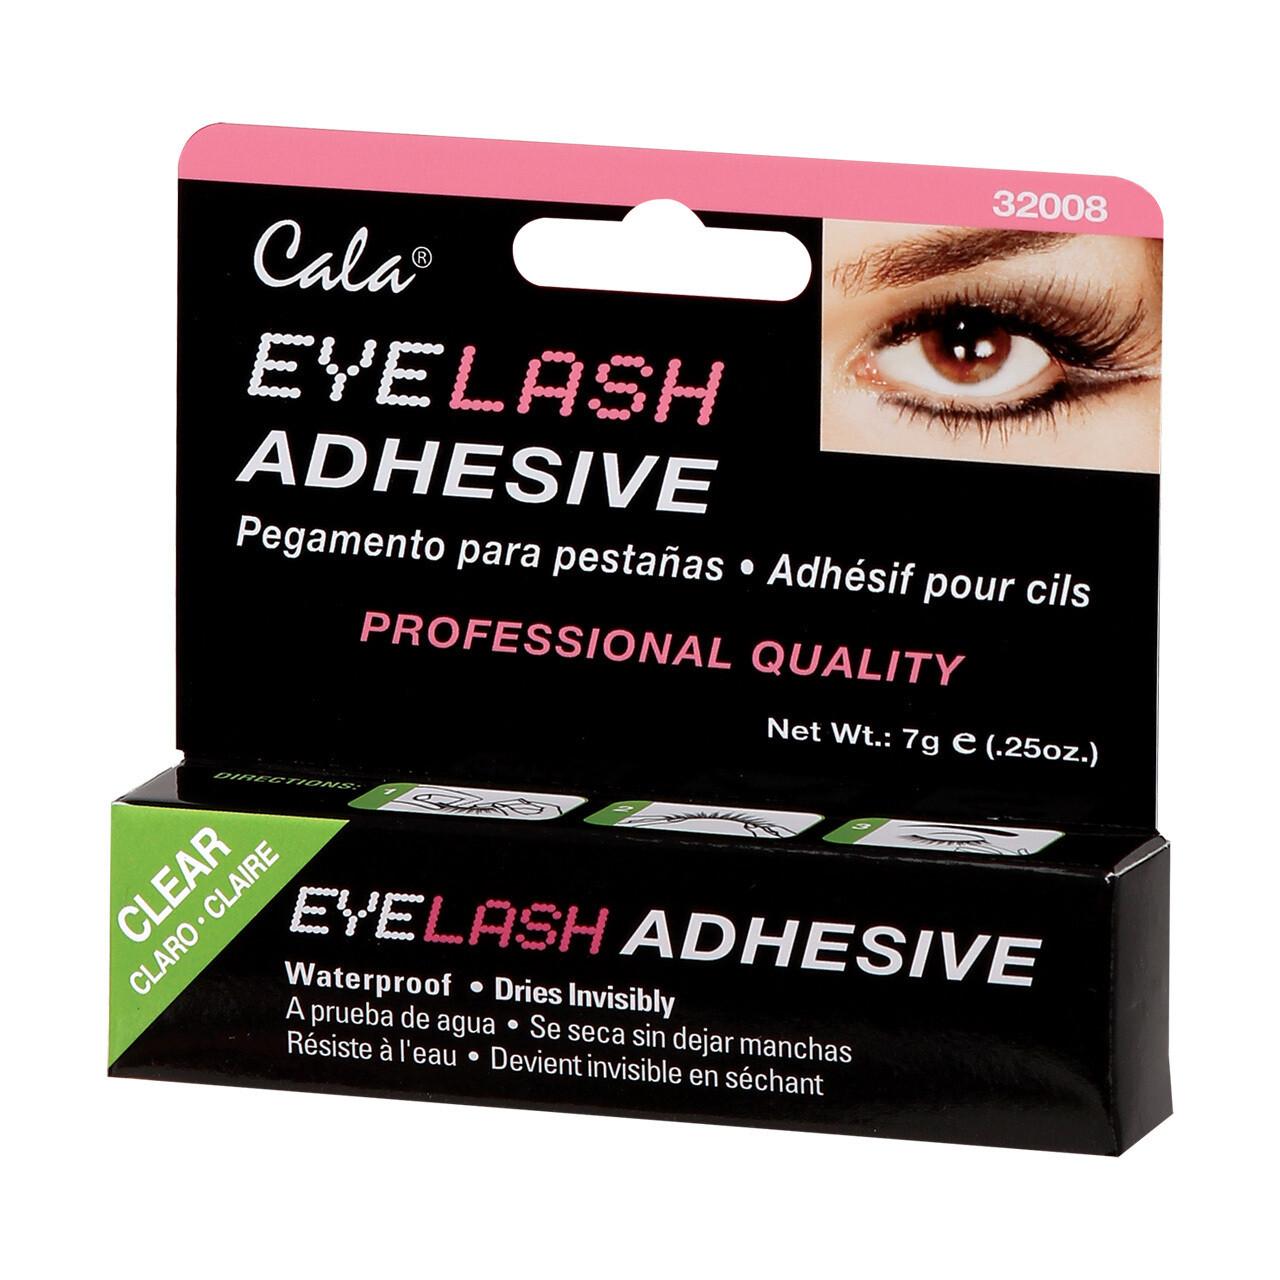 Cala Eyelash Adhesive Clear